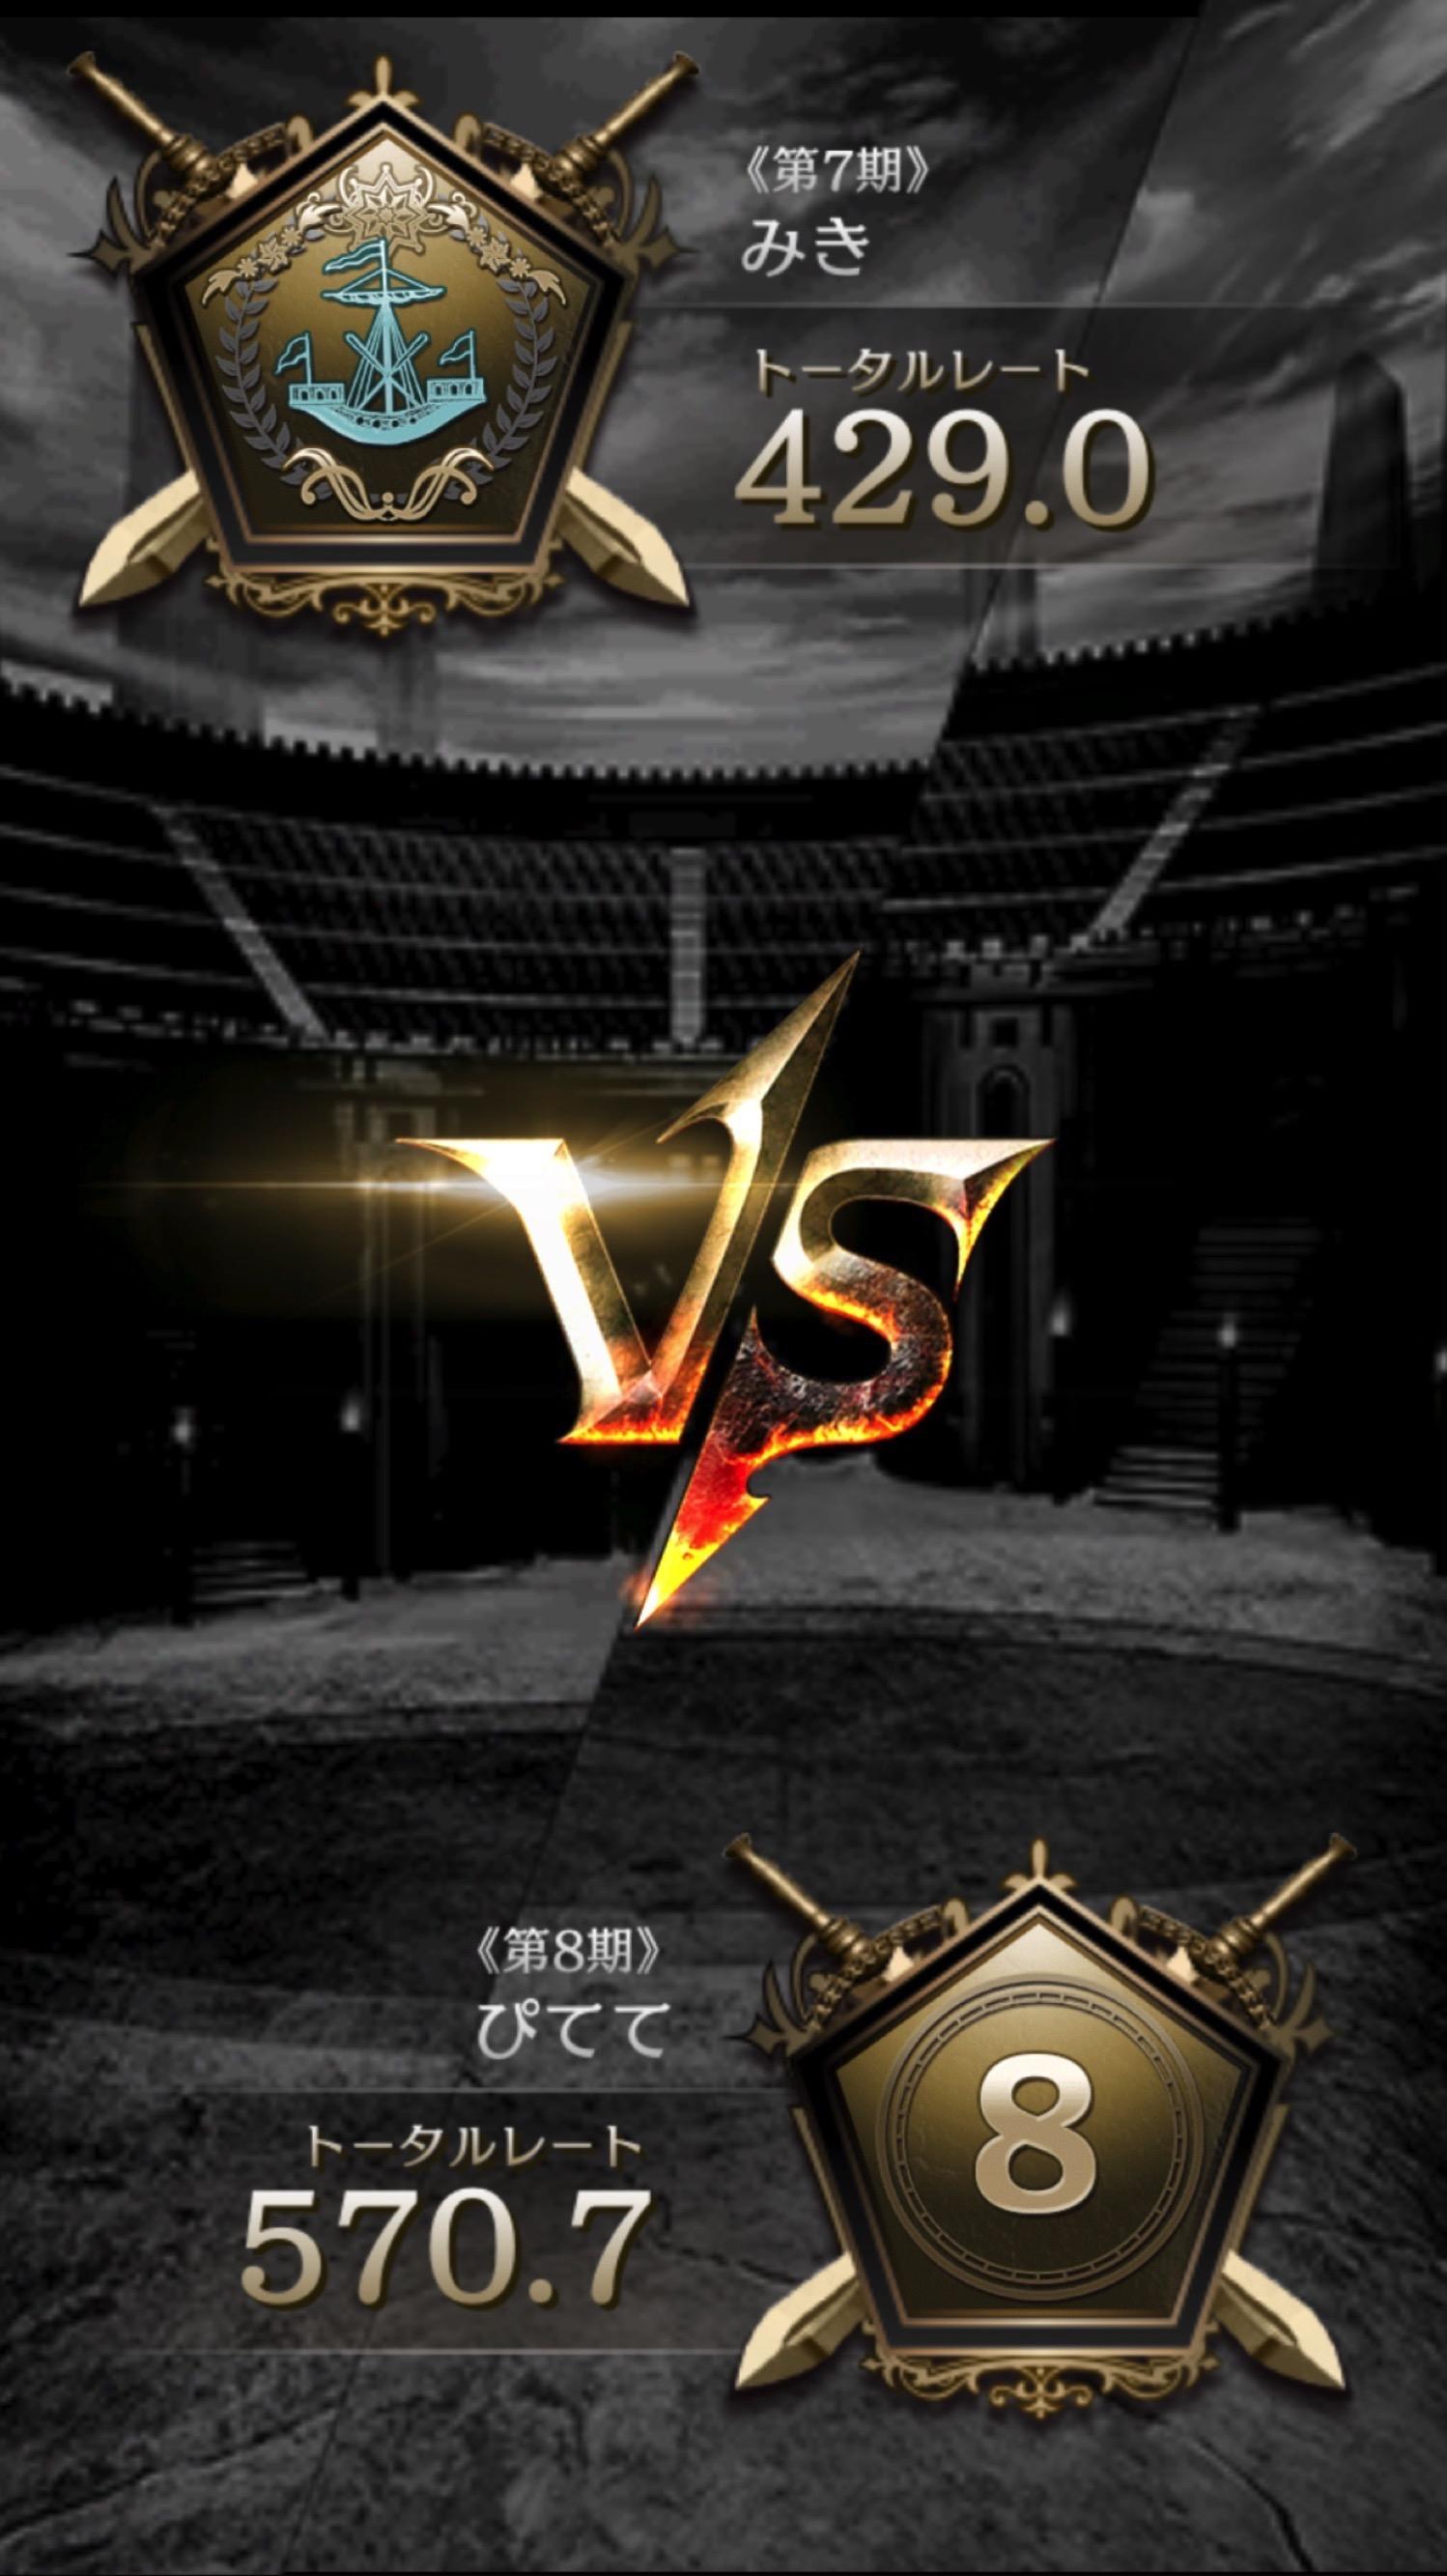 Rival arena 4